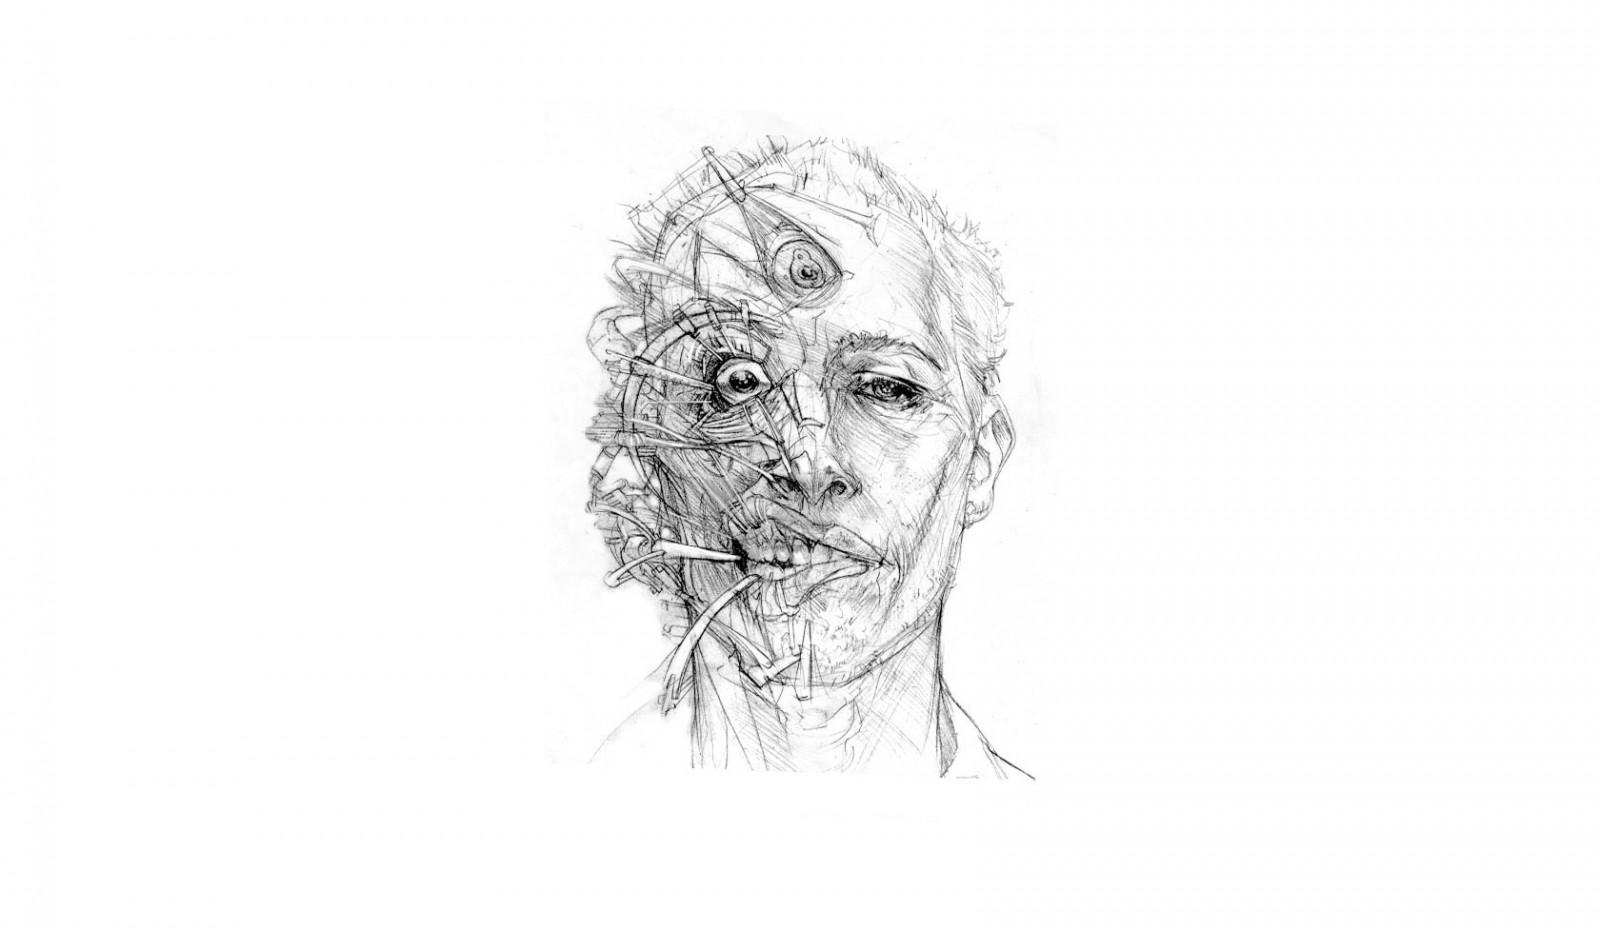 Hintergrundbilder : Gesicht, Illustration, einfarbig, Porträt ...